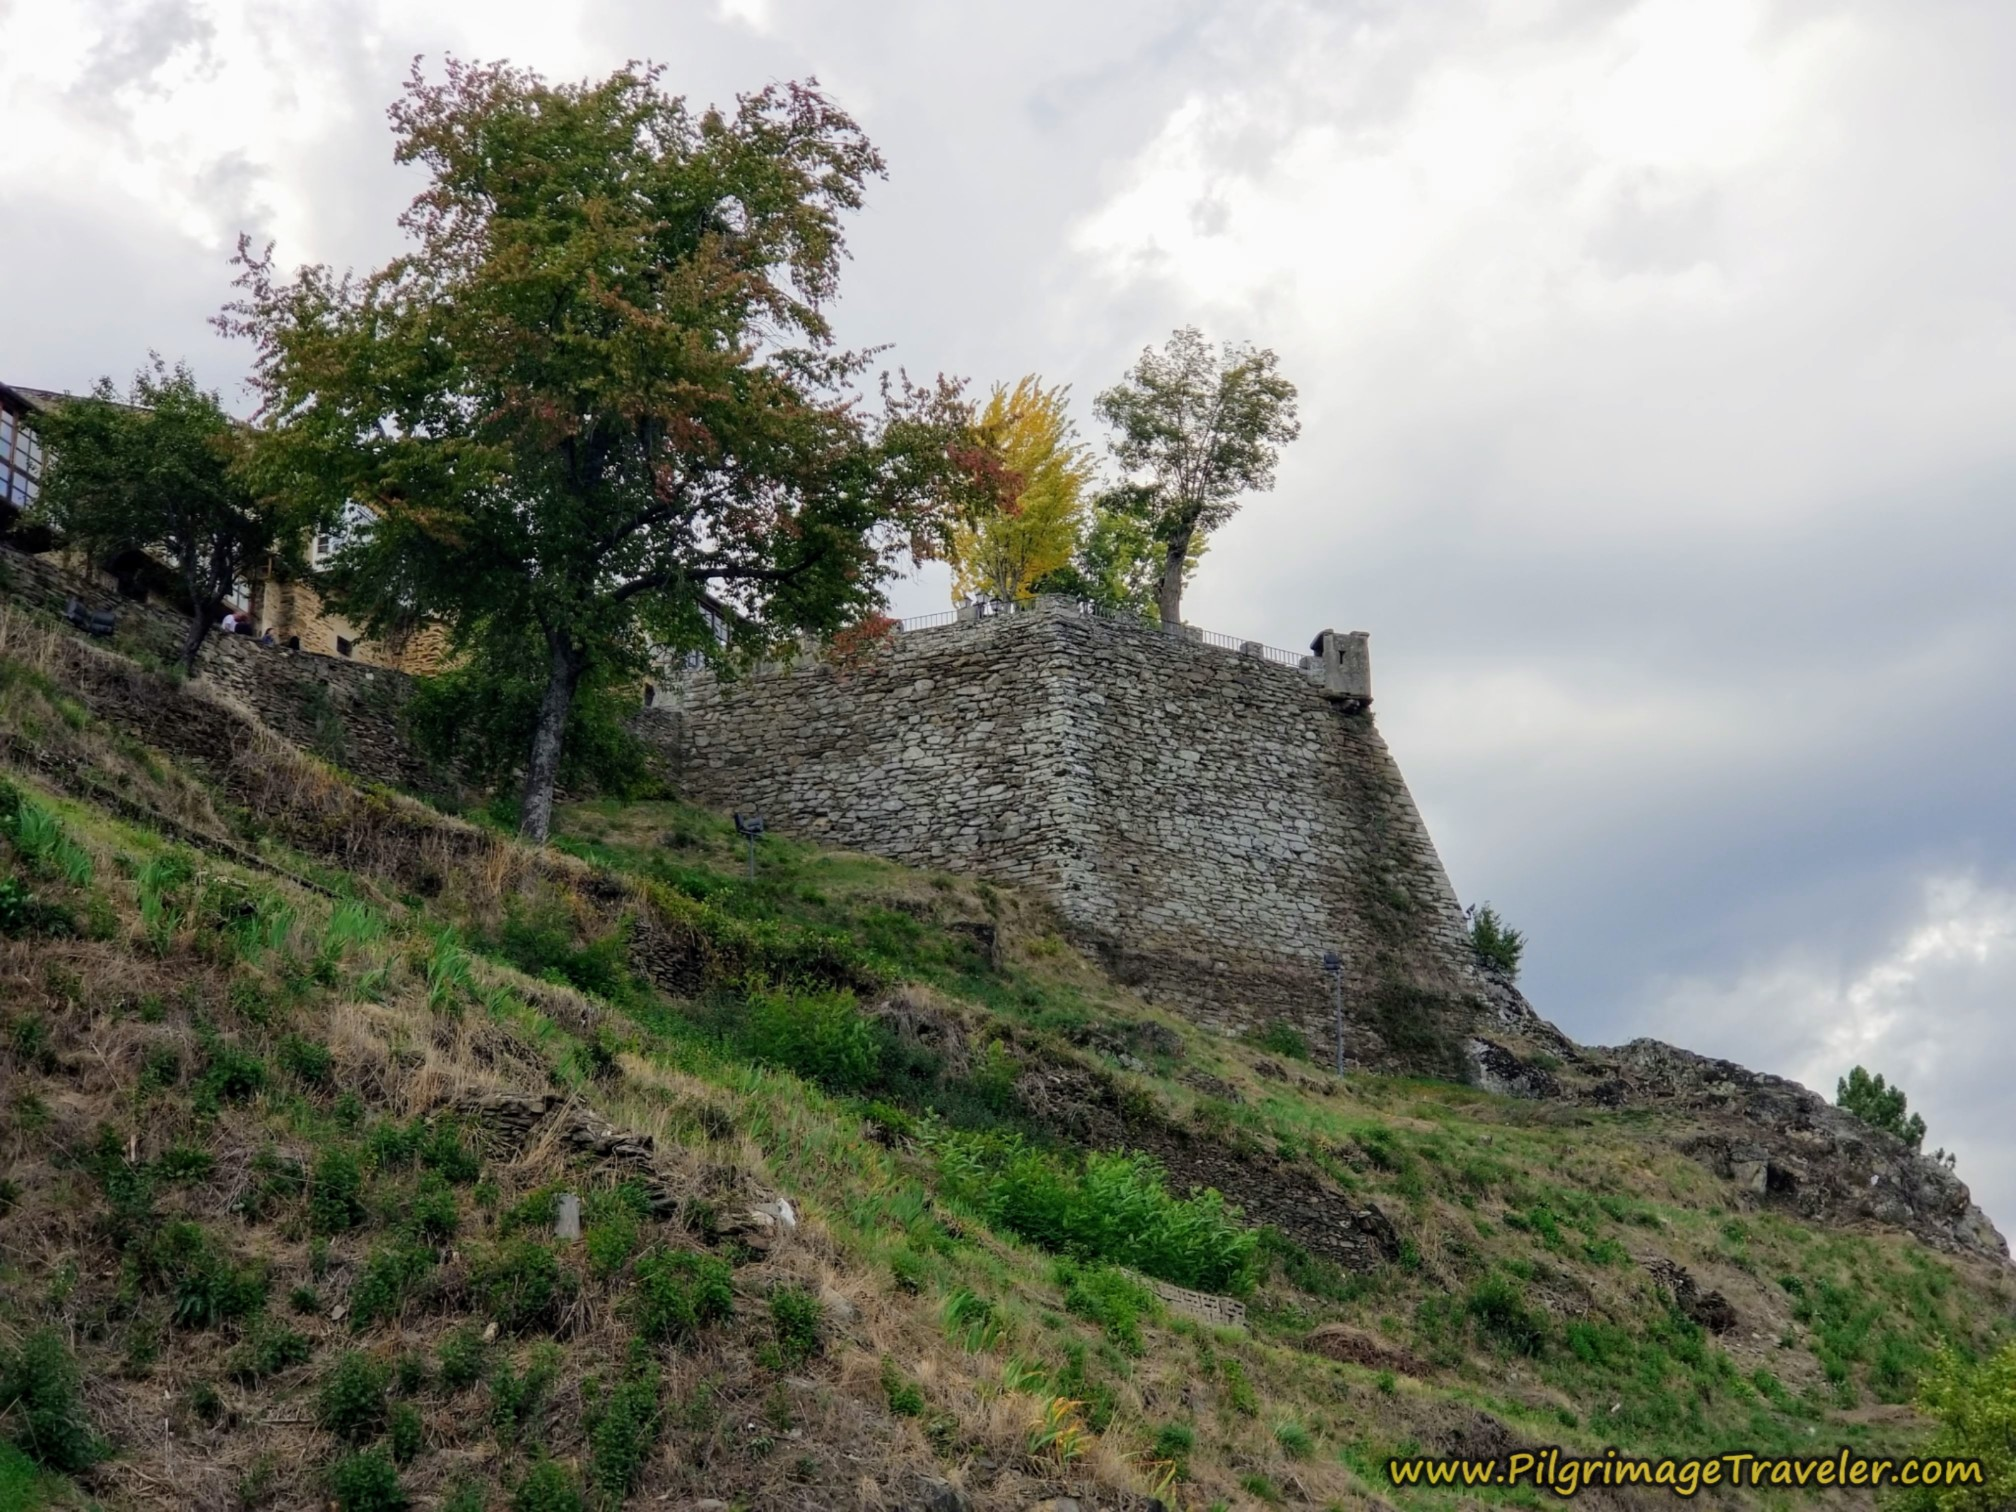 Watchtower, Castillo de Puebla de Sanabria